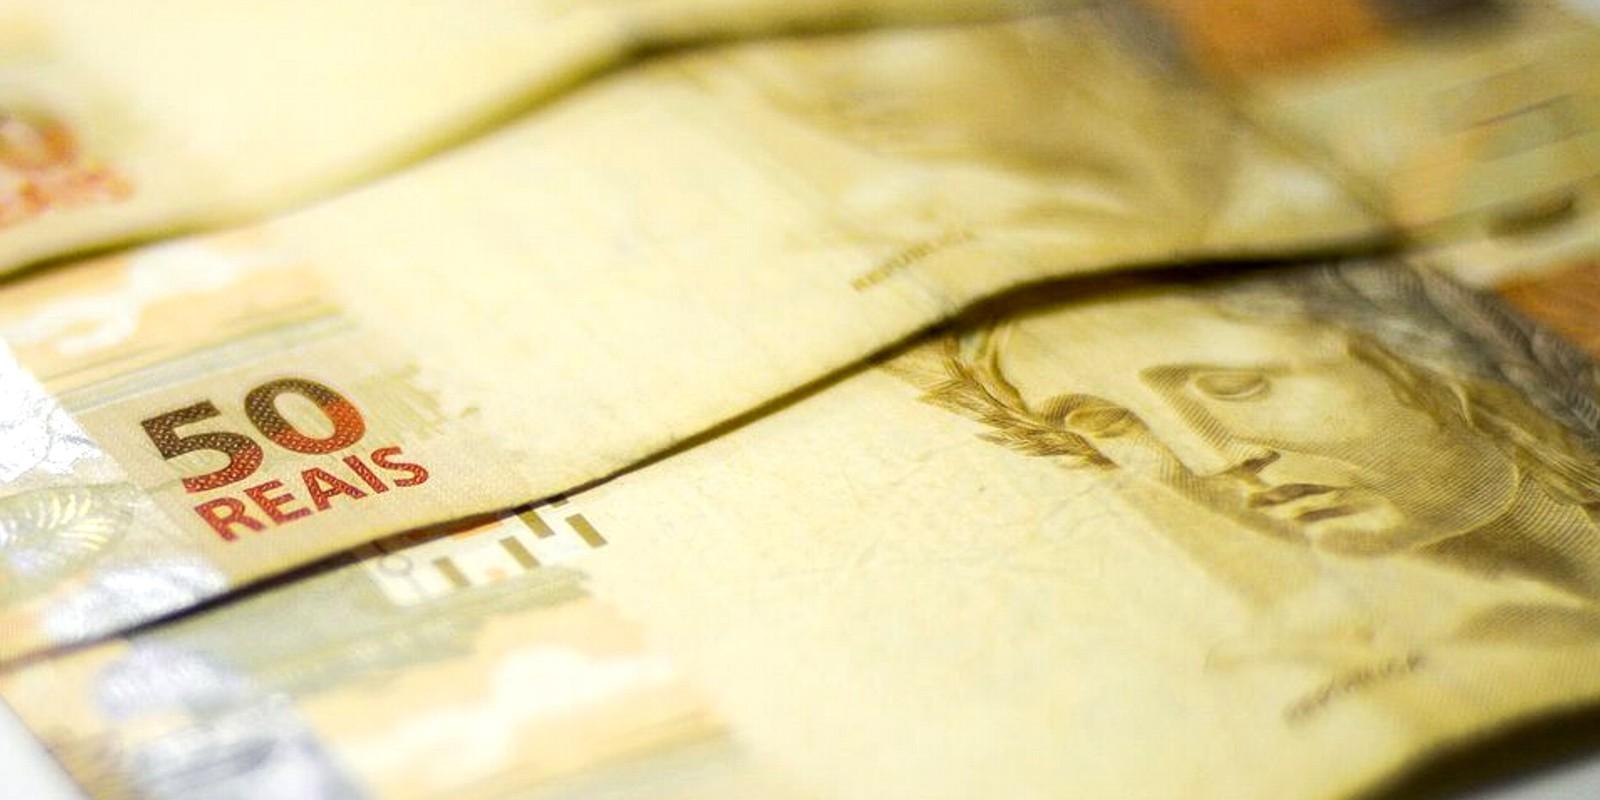 União pagou em julho R$ 372,7 milhões em dívidas atrasadas de estados